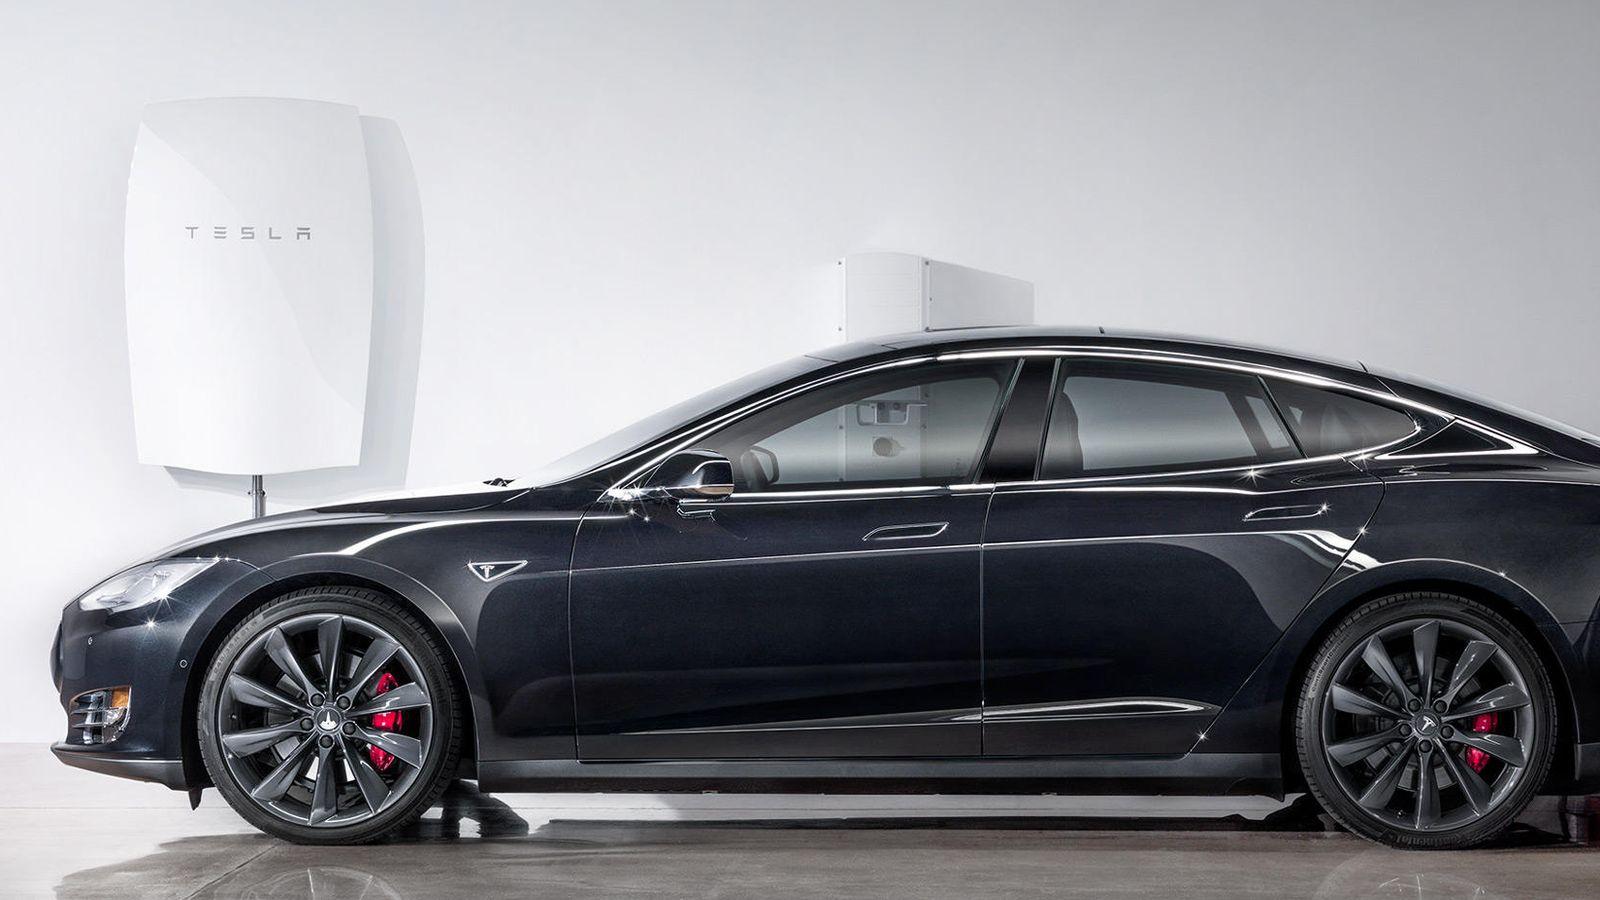 Foto: La batería de Tesla costará 3.500 dólares y llegará a las casas en verano